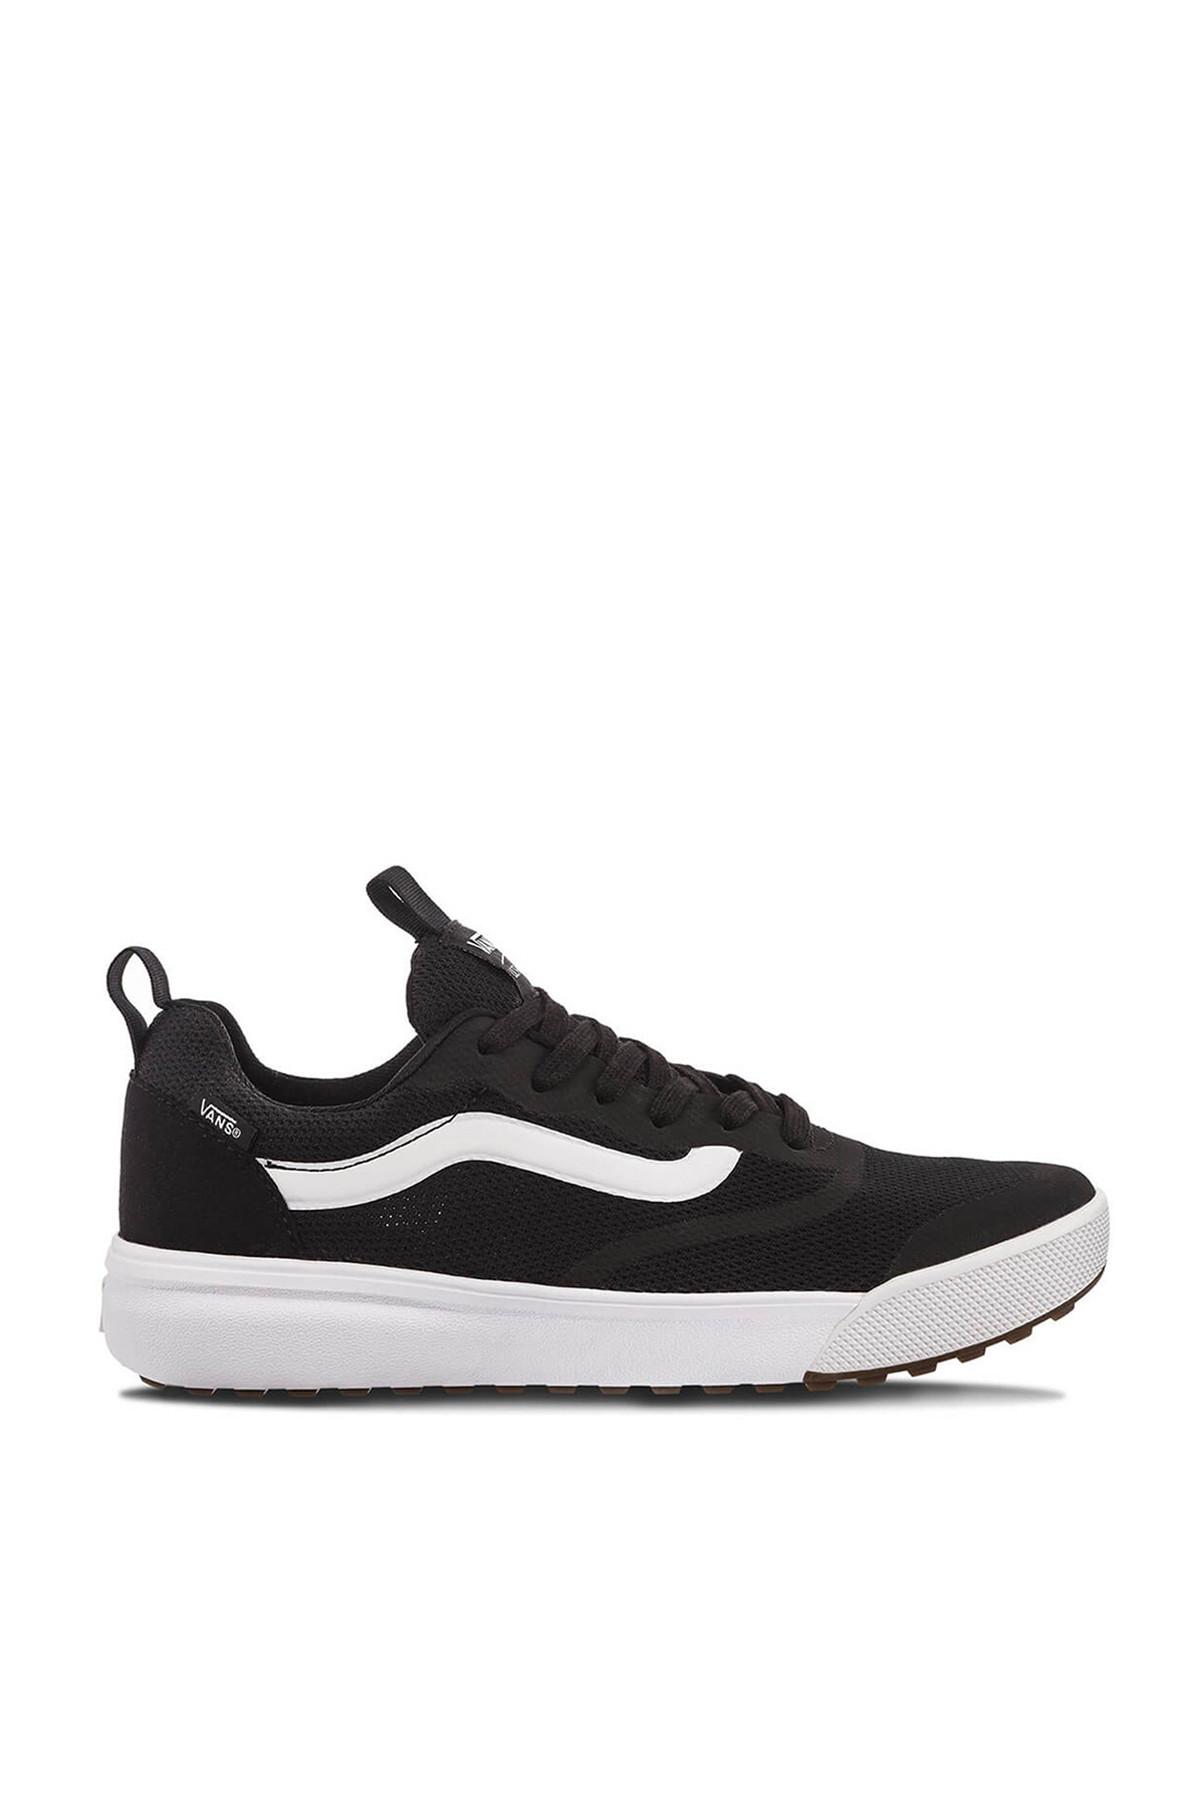 Vans Erkek Spor Ayakkabısı - Ua Ultrarange Rapidweld - VA3MVUY28 1